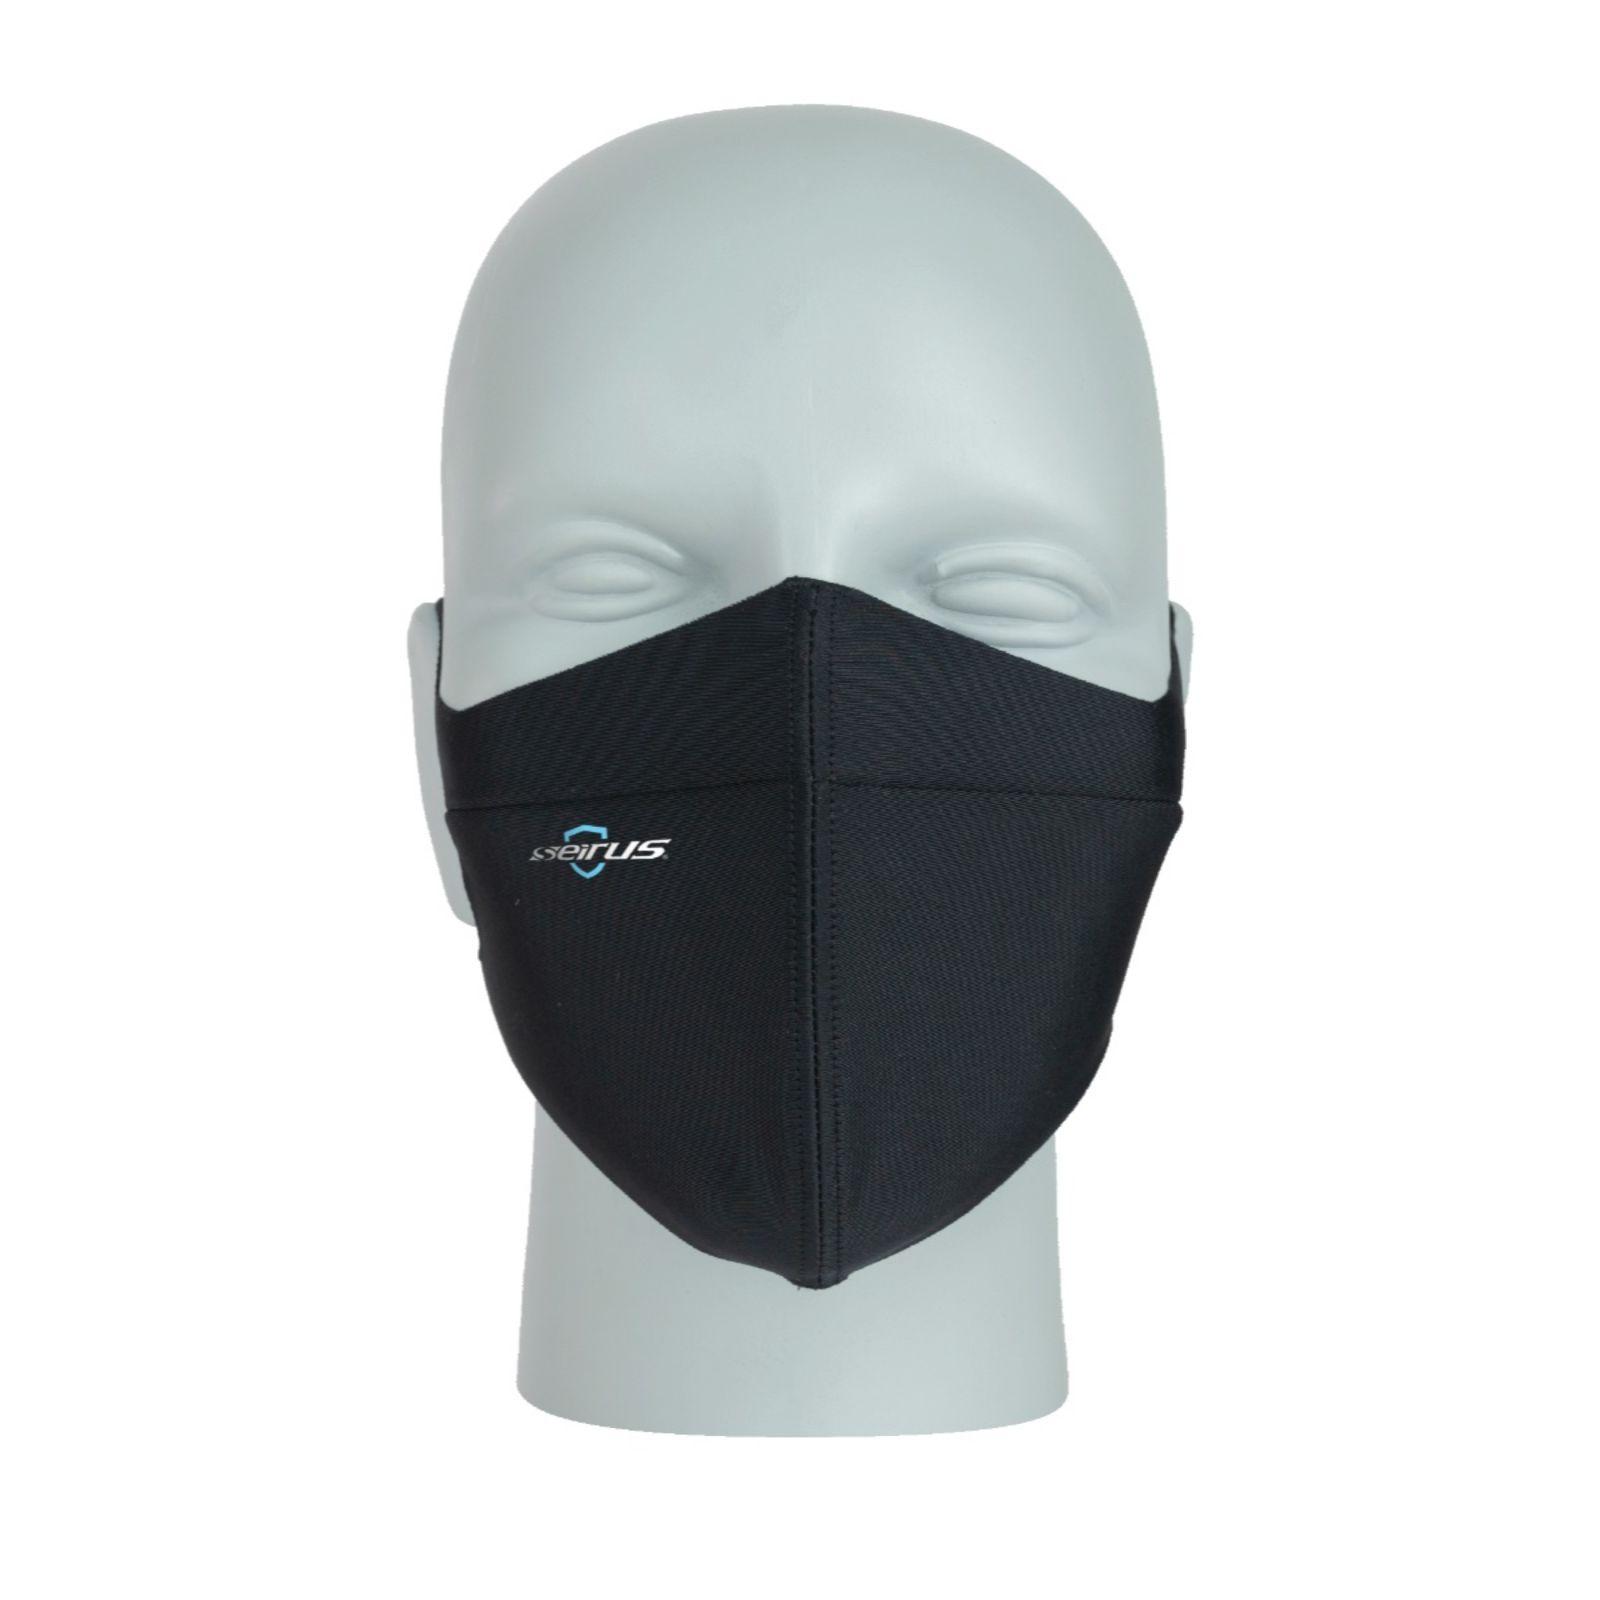 Seirus Evo Arc Masque Black Md